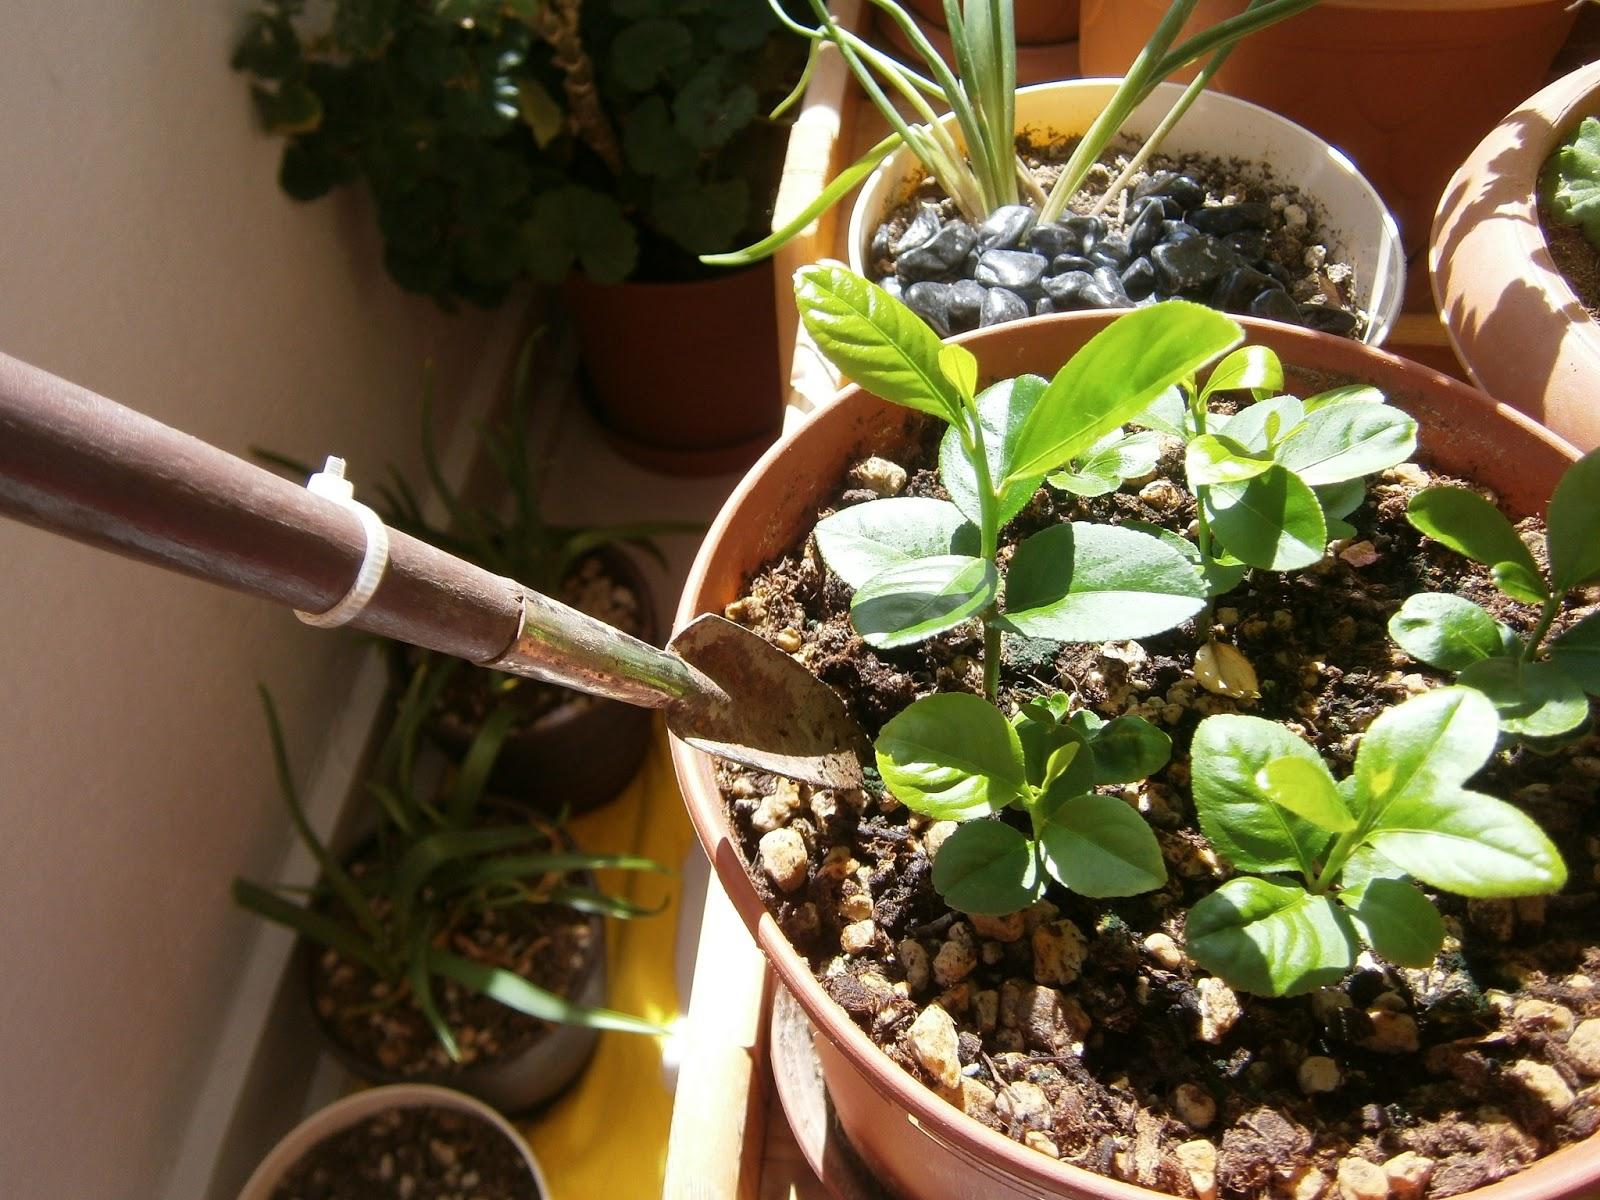 Fide tohumları yetiştirmesi